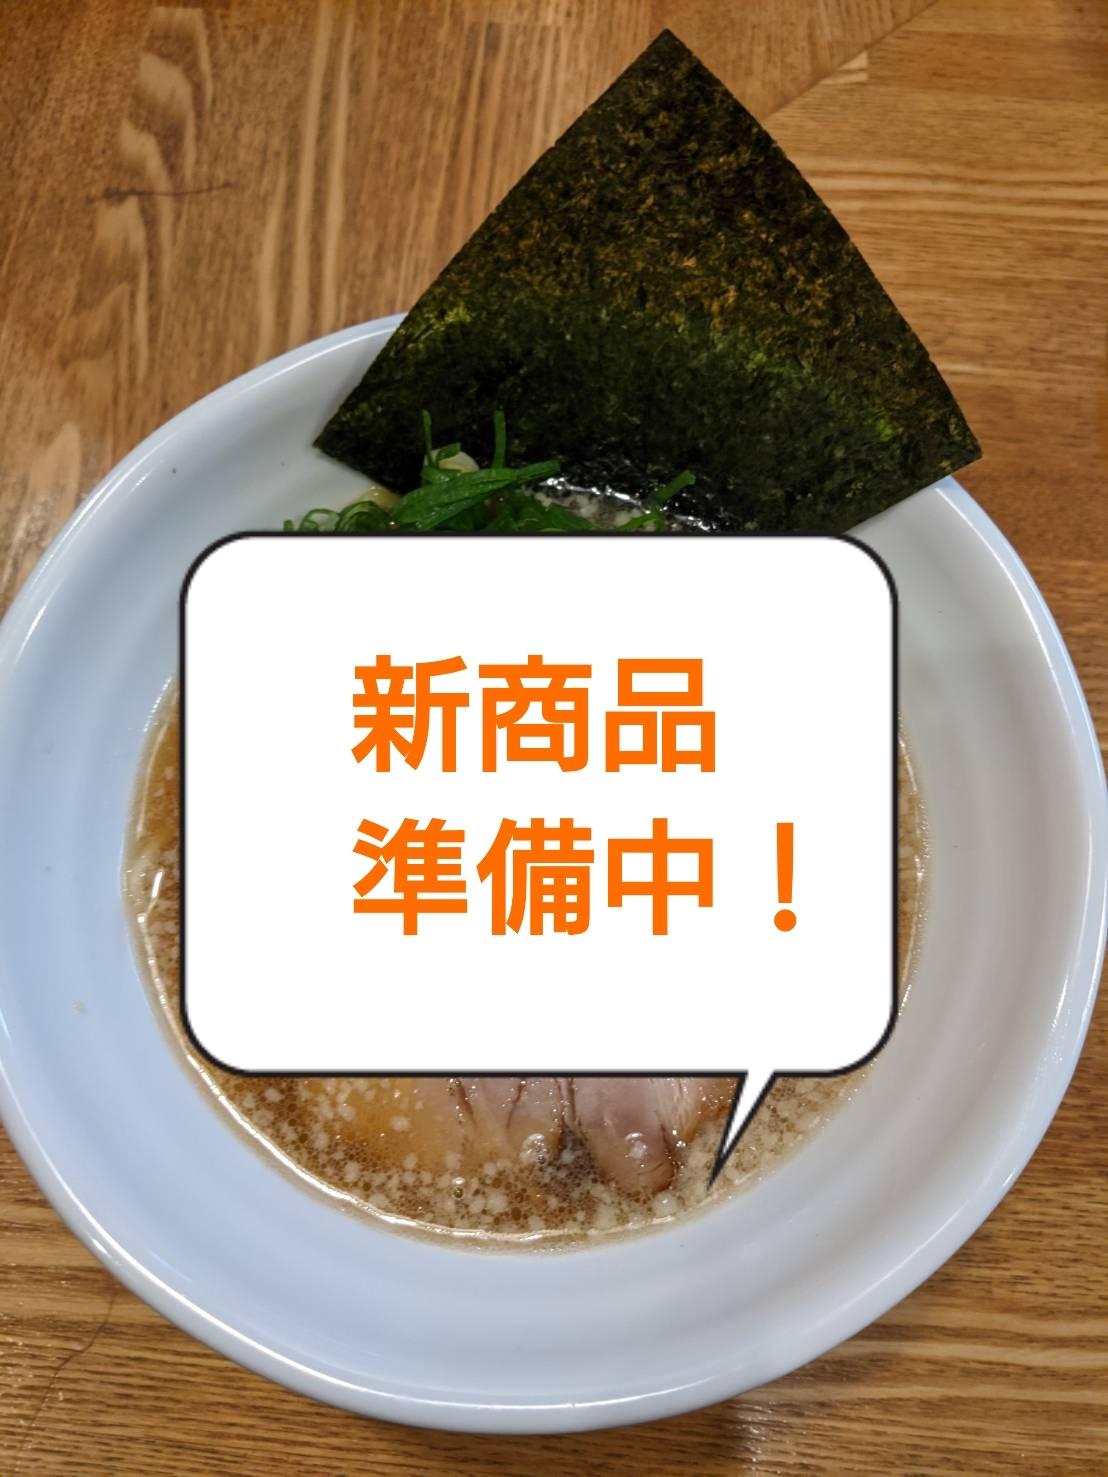 上海麺館新作予告